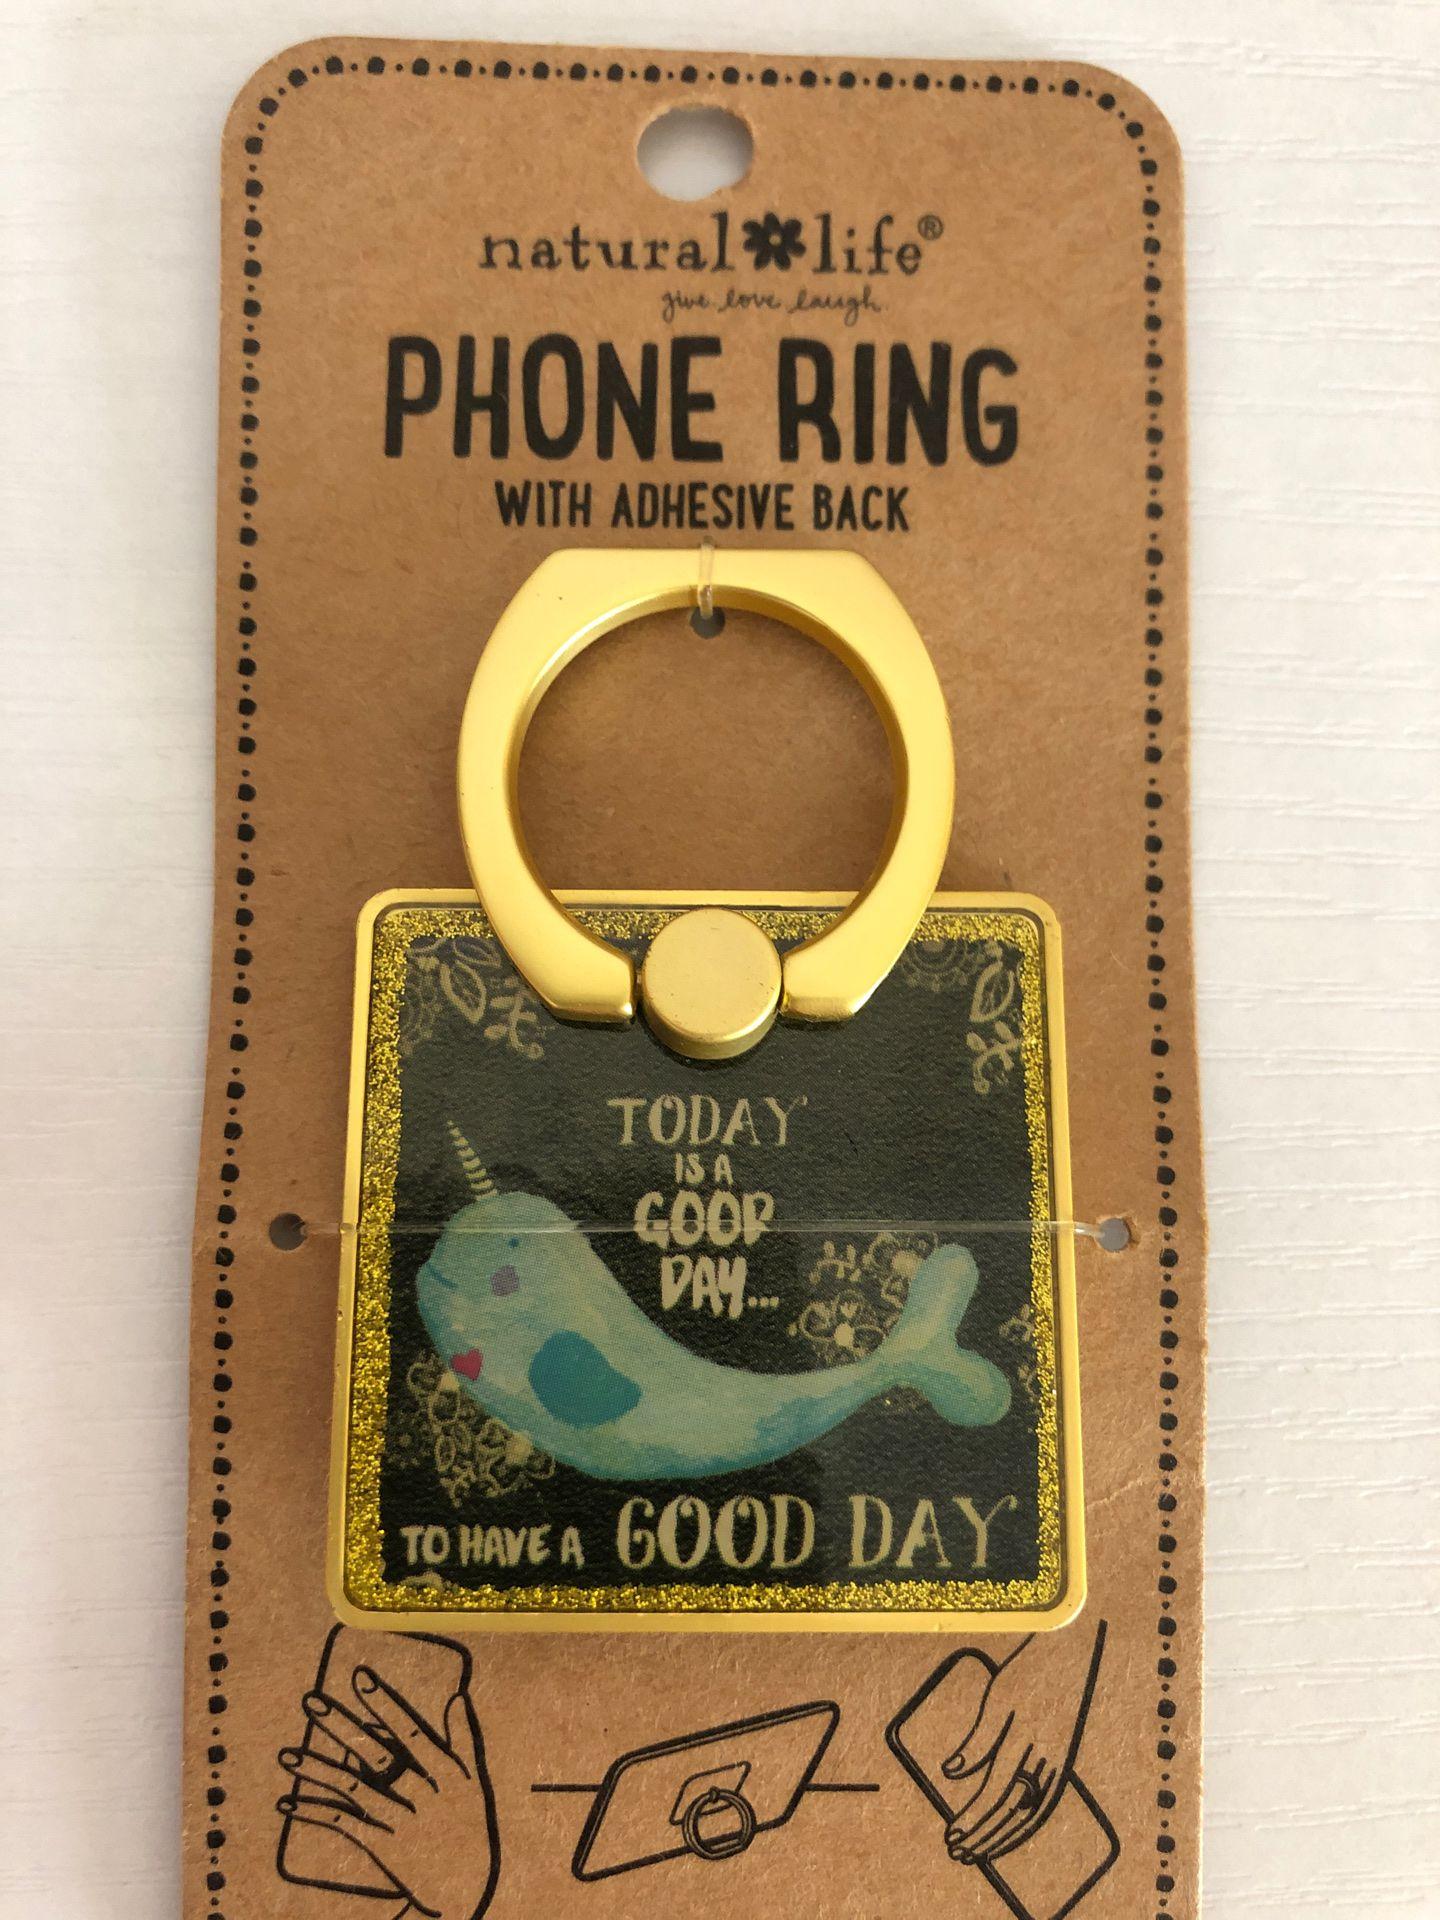 Natural Life Phone Ring